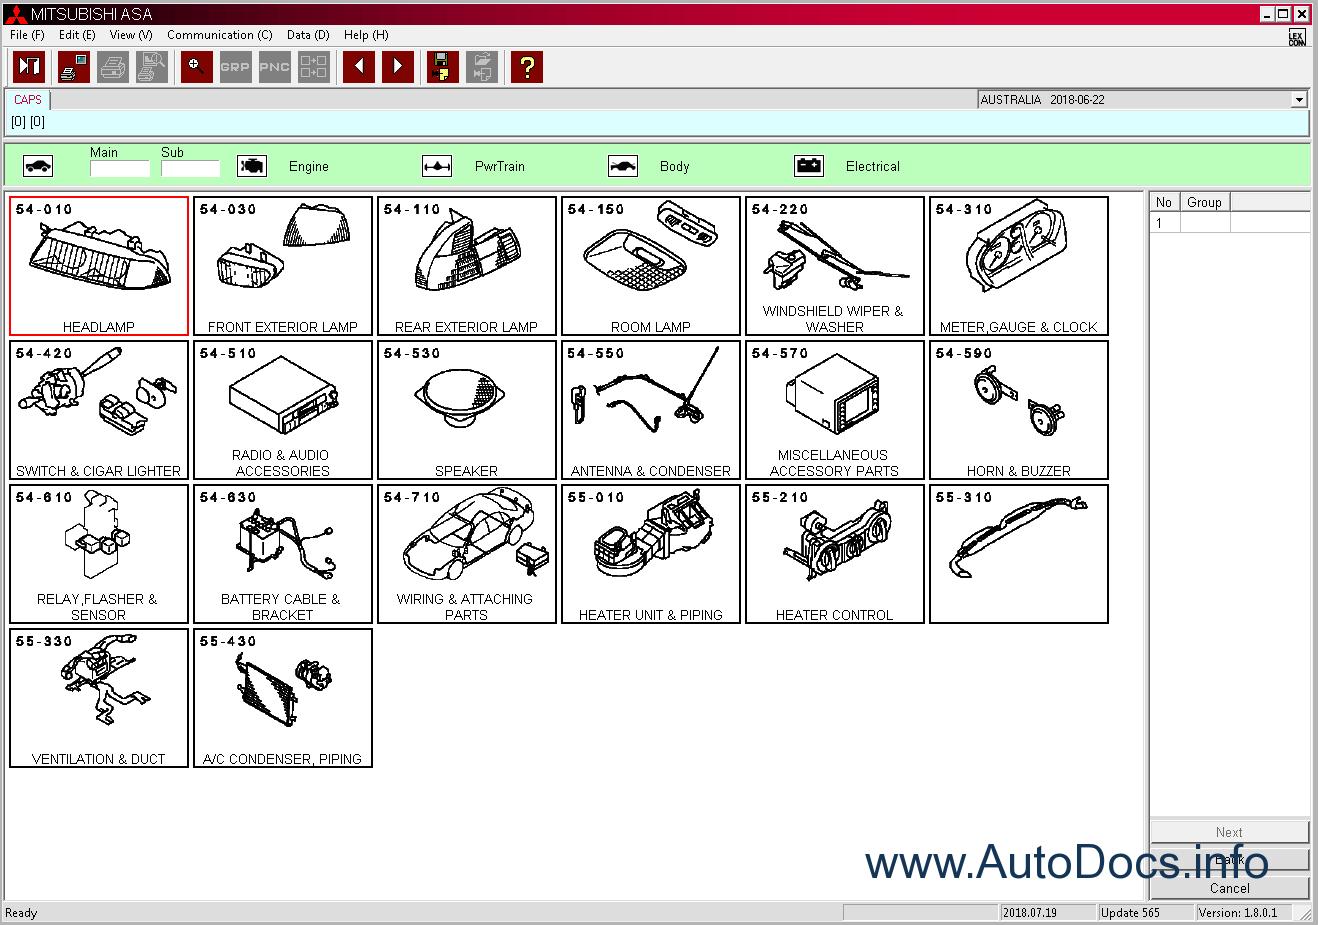 Mitsubishi Asa Parts Catalog For Australia Thumb Tmpl Bda F Aee C F D A Ca B on Mitsubishi Endeavor Parts Catalog